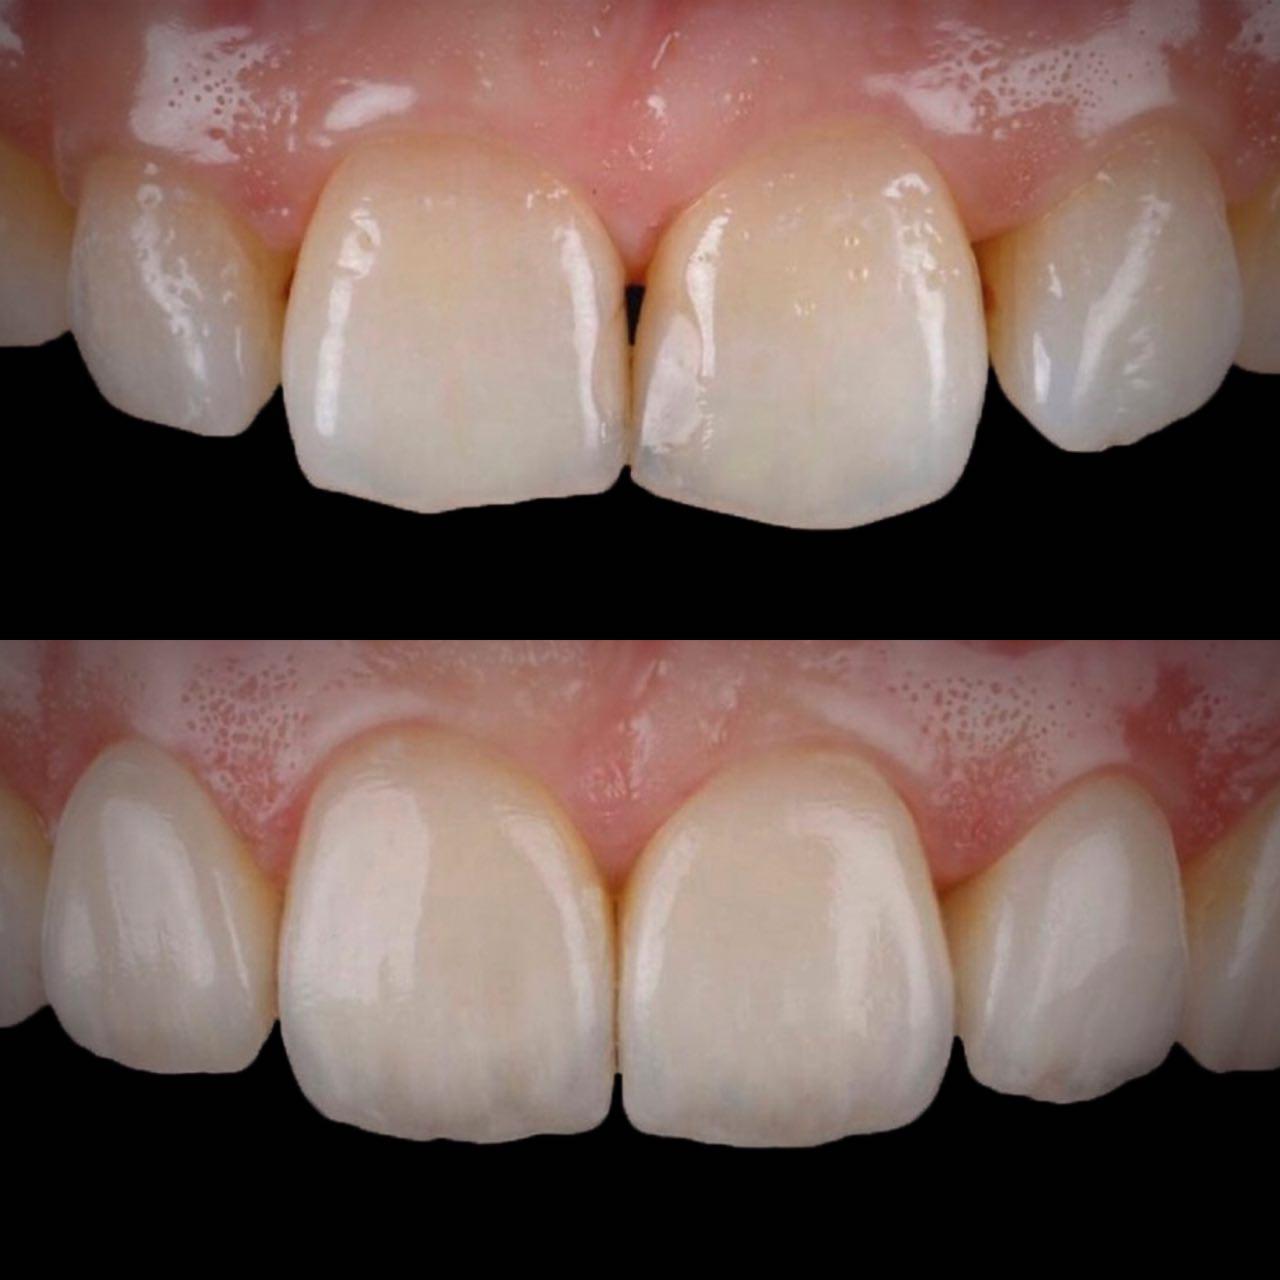 IMG EA28C0AD23FD 2 - Художня реставрація зубів